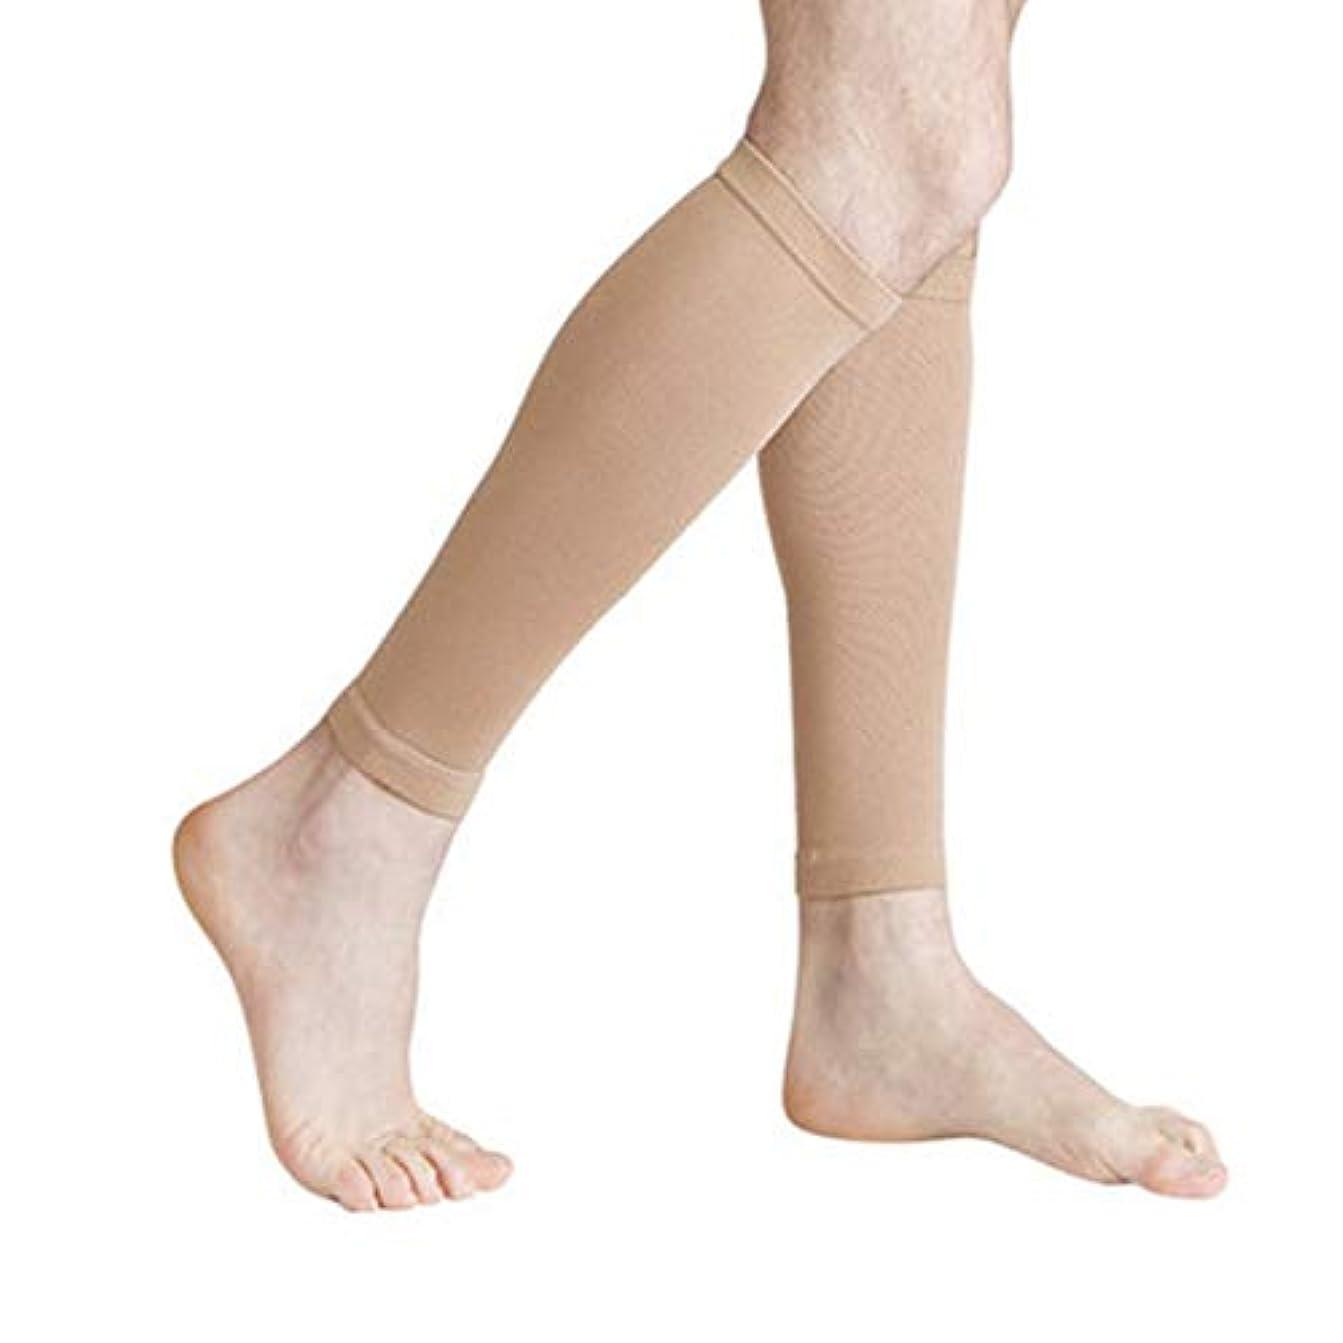 排他的石灰岩発音する丈夫な男性女性プロの圧縮靴下通気性のある旅行活動看護師用シントスプリントフライトトラベル - 肌色